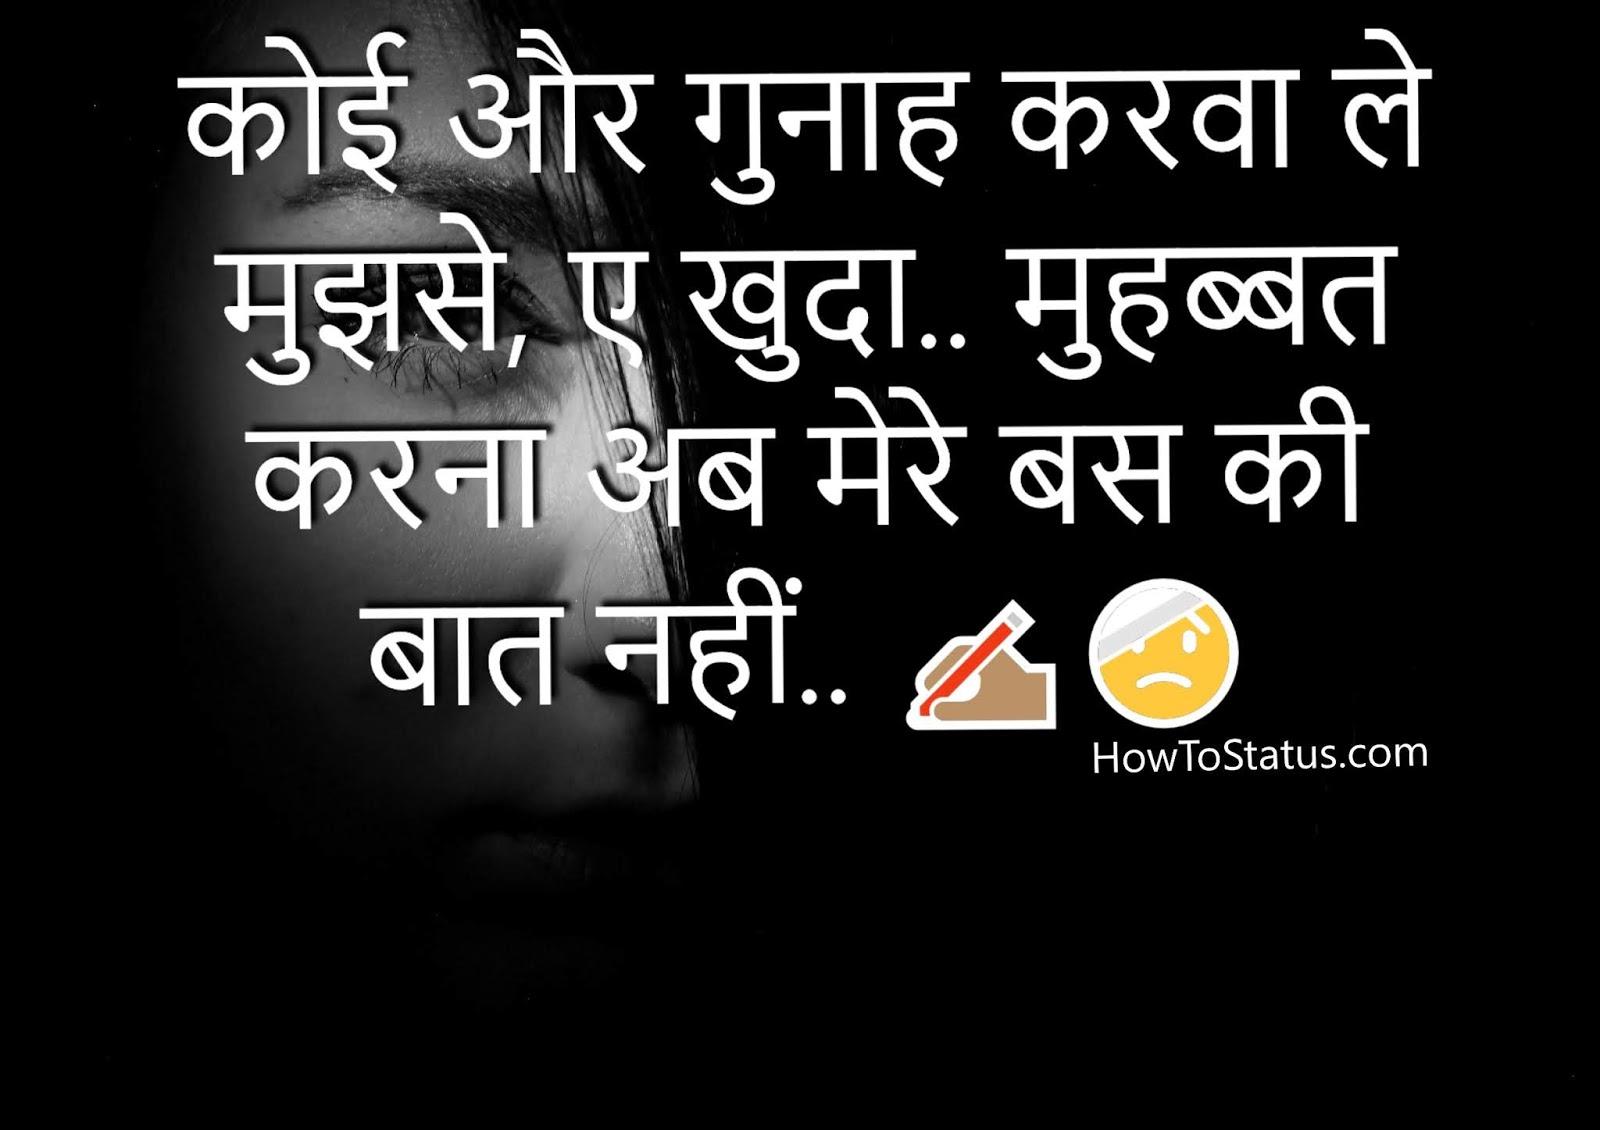 Desi Sad status Hindi 2019 हिंदी Latest - HowToStatus